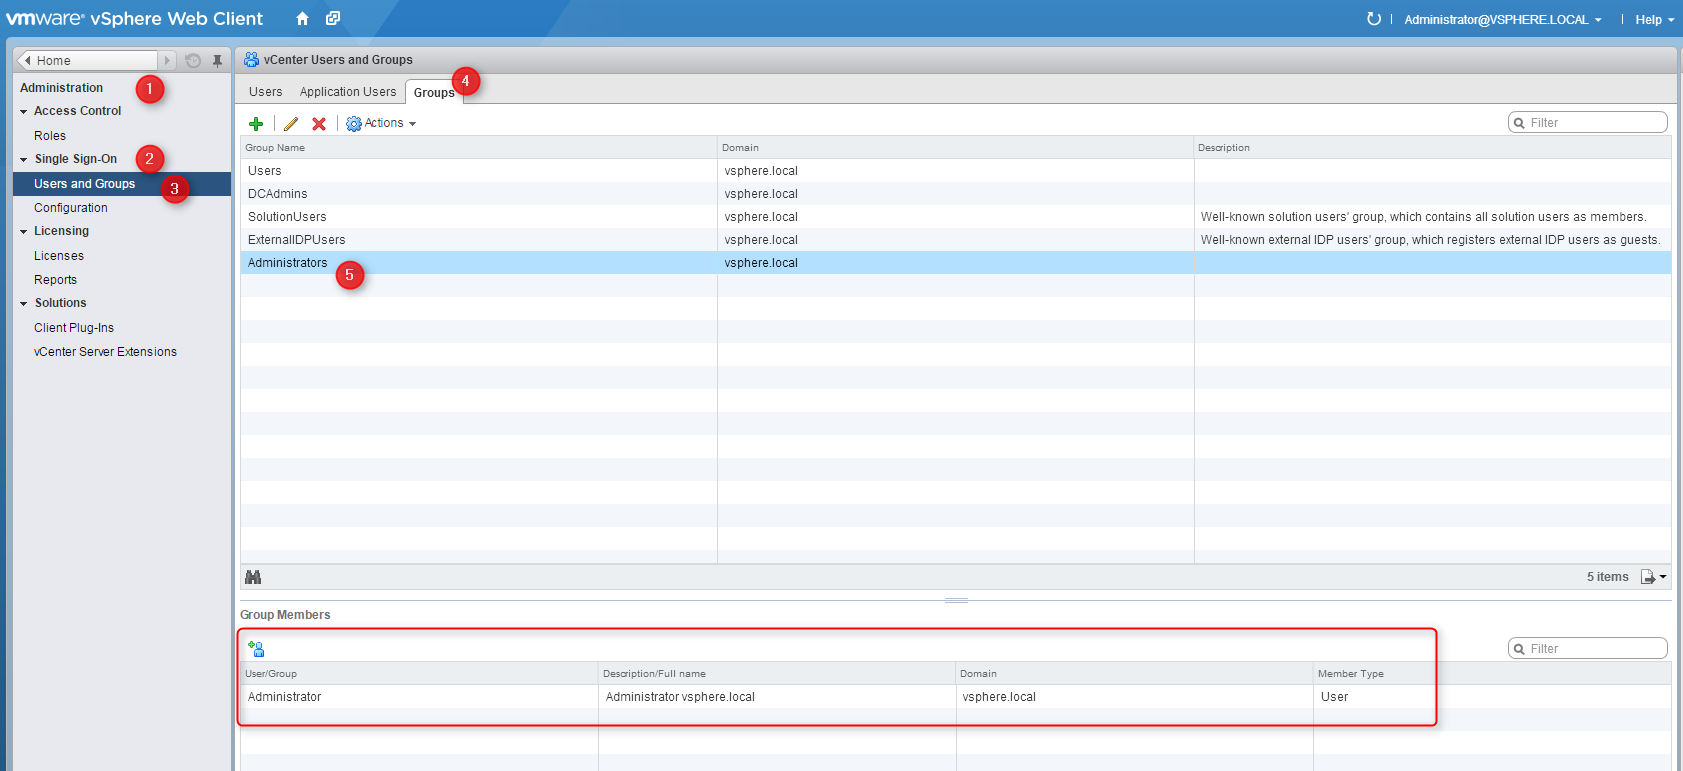 vSphere Web Client SSO Setup